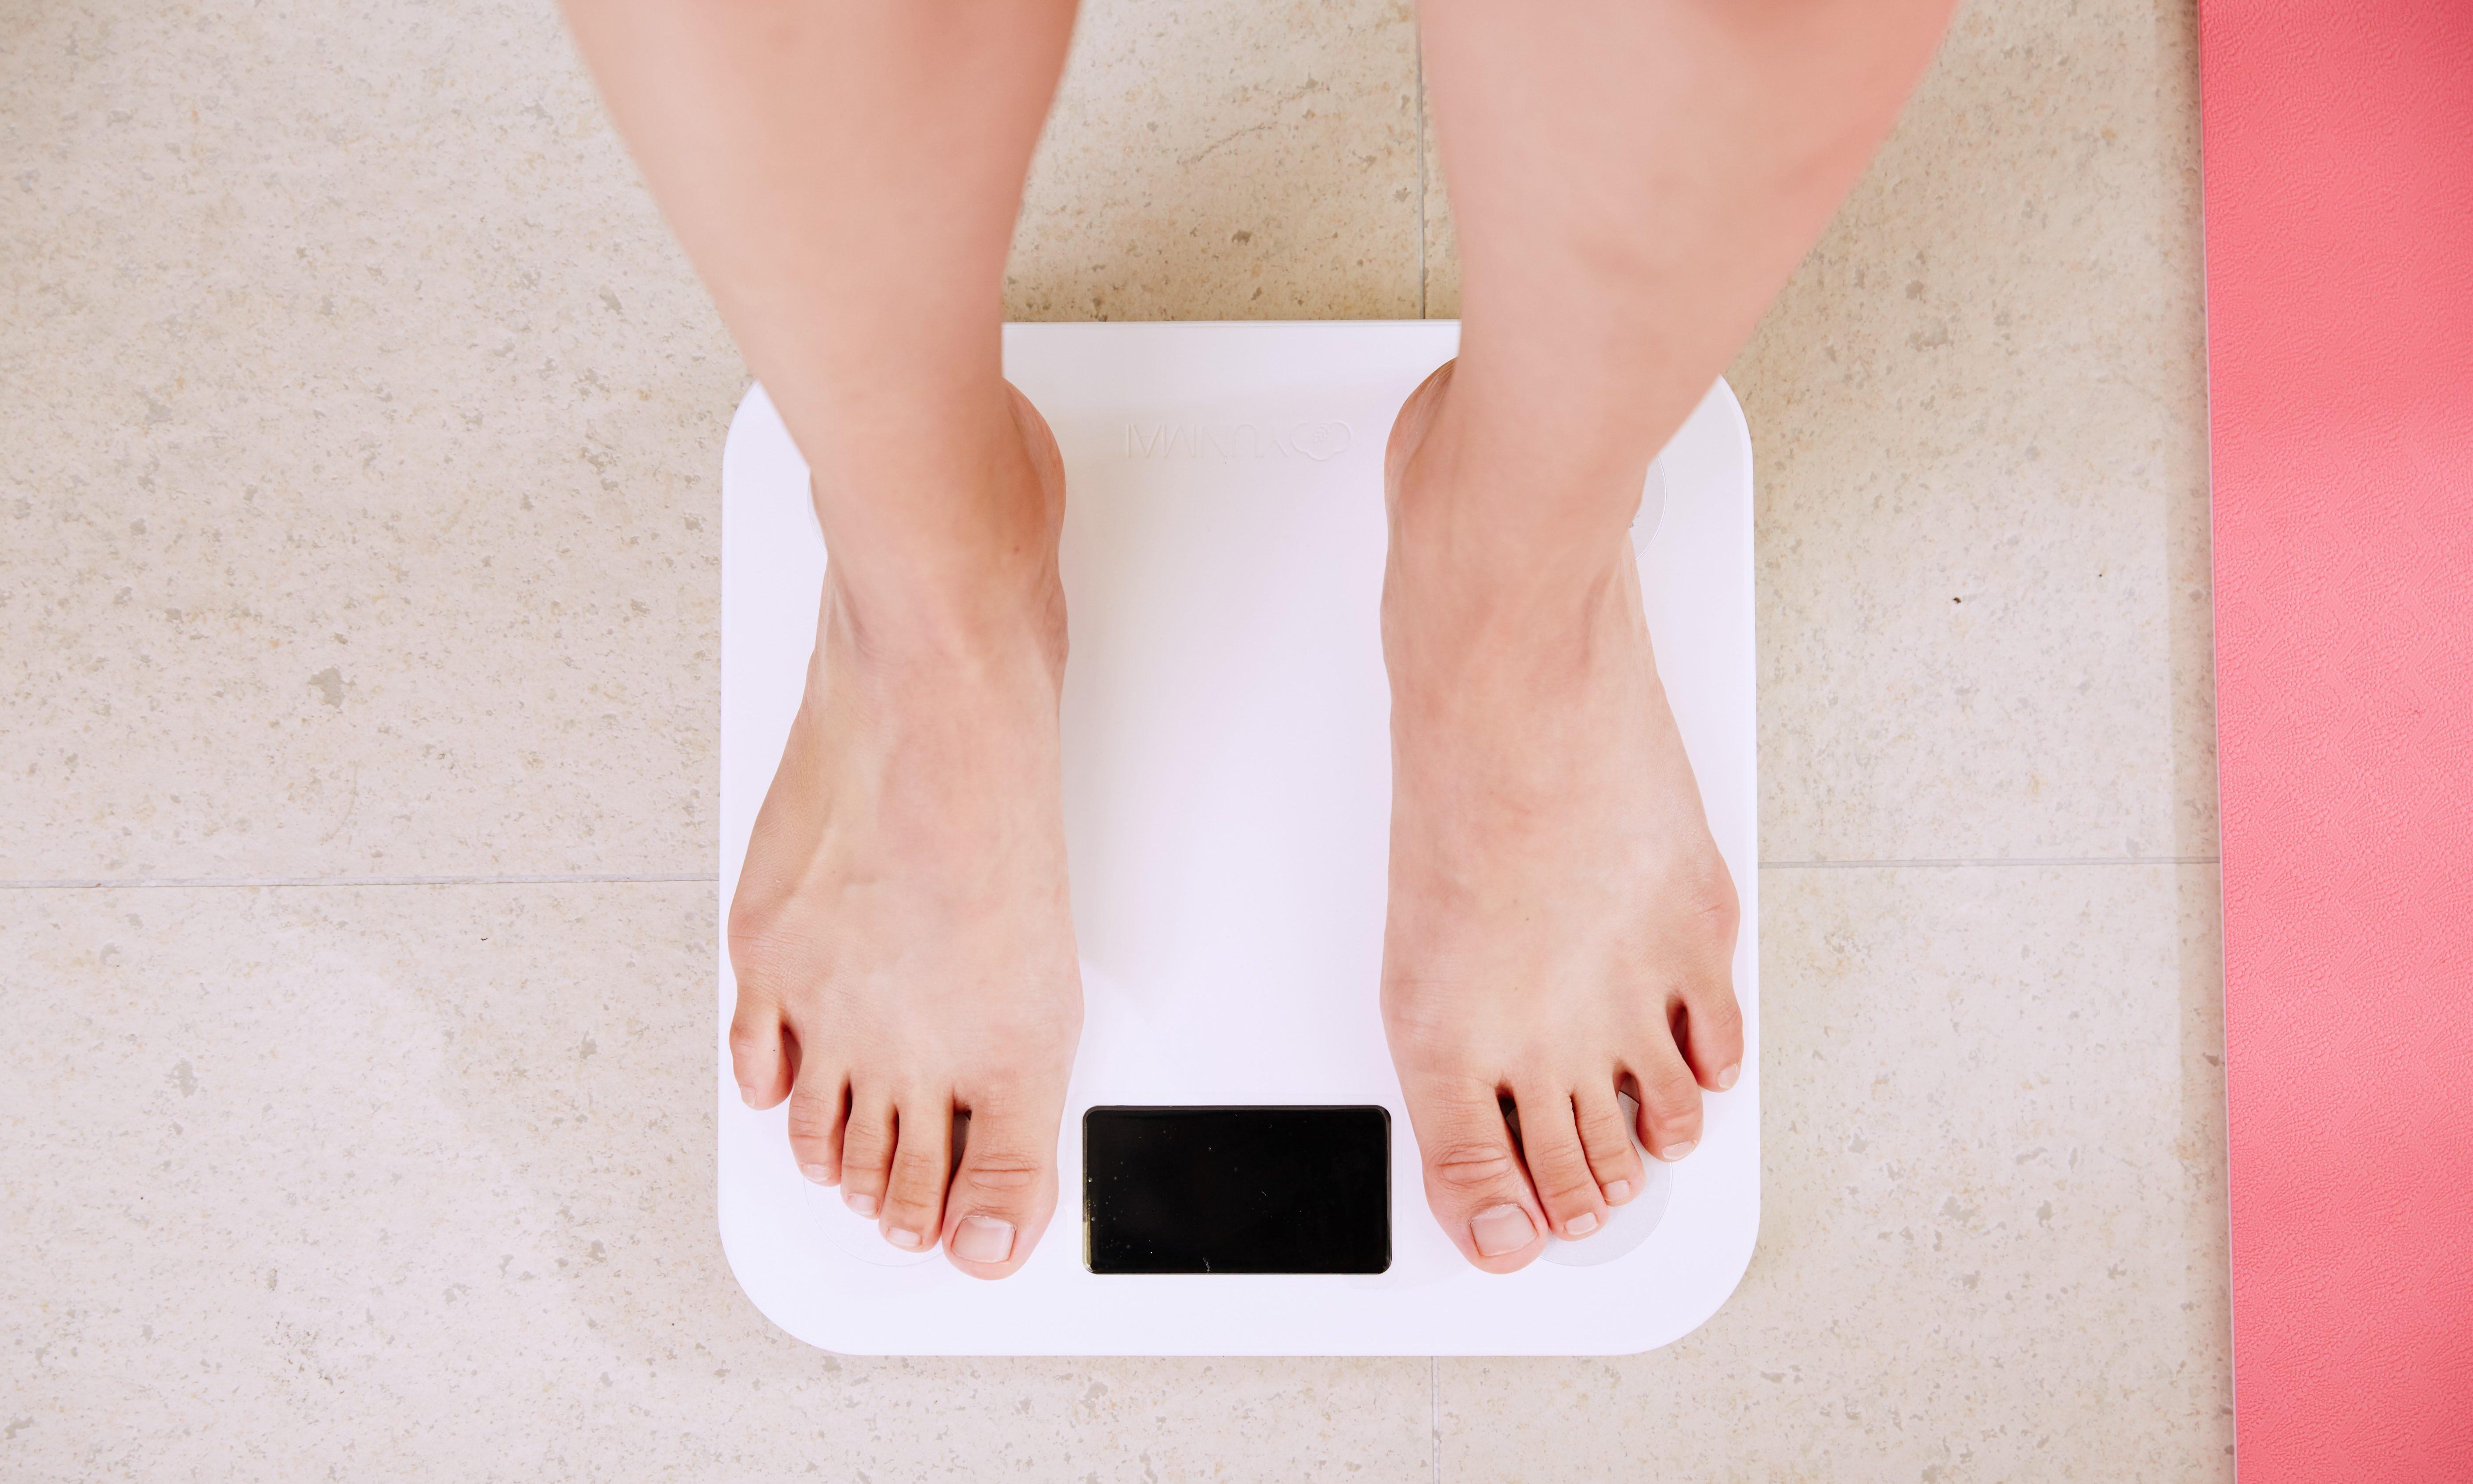 体重計に乗っている人の足元